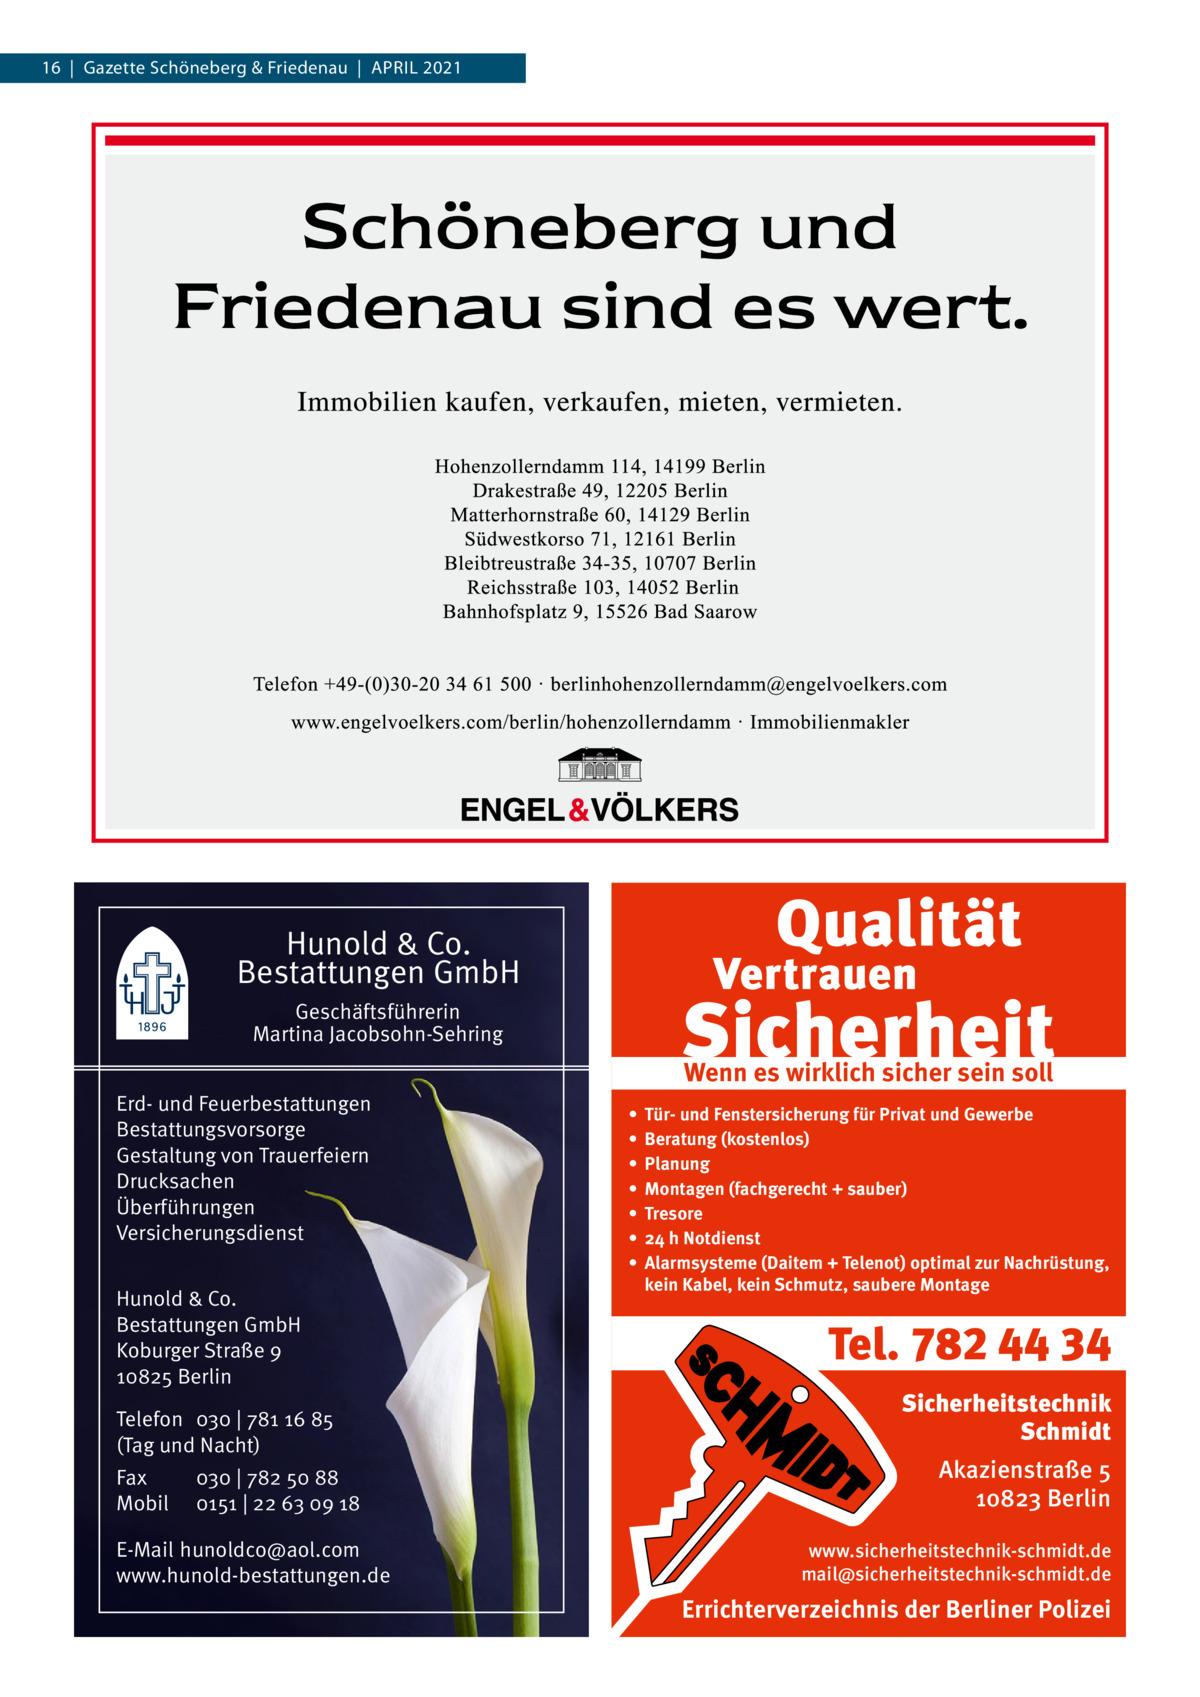 16|Gazette Schöneberg & Friedenau|APRIL 2021  Hunold & Co. Bestattungen GmbH Geschäftsführerin Martina Jacobsohn-Sehring Erd- und Feuerbestattungen Bestattungsvorsorge Gestaltung von Trauerfeiern Drucksachen Überführungen Versicherungsdienst Hunold & Co. Bestattungen GmbH Koburger Straße 9 10825 Berlin Telefon 030 | 781 16 85 (Tag und Nacht) Fax Mobil  030 | 782 50 88 0151 | 22 63 09 18  E-Mail hunoldco@aol.com www.hunold-bestattungen.de  Wenn es wirklich sicher sein soll • • • • • • •  Tür- und Fenstersicherung für Privat und Gewerbe Beratung (kostenlos) Planung Montagen (fachgerecht + sauber) Tresore 24 h Notdienst Alarmsysteme (Daitem + Telenot) optimal zur Nachrüstung, kein Kabel, kein Schmutz, saubere Montage  Tel. 782 44 34 Sicherheitstechnik Schmidt Akazienstraße 5 10823 Berlin www.sicherheitstechnik-schmidt.de mail@sicherheitstechnik-schmidt.de  Errichterverzeichnis der Berliner Polizei